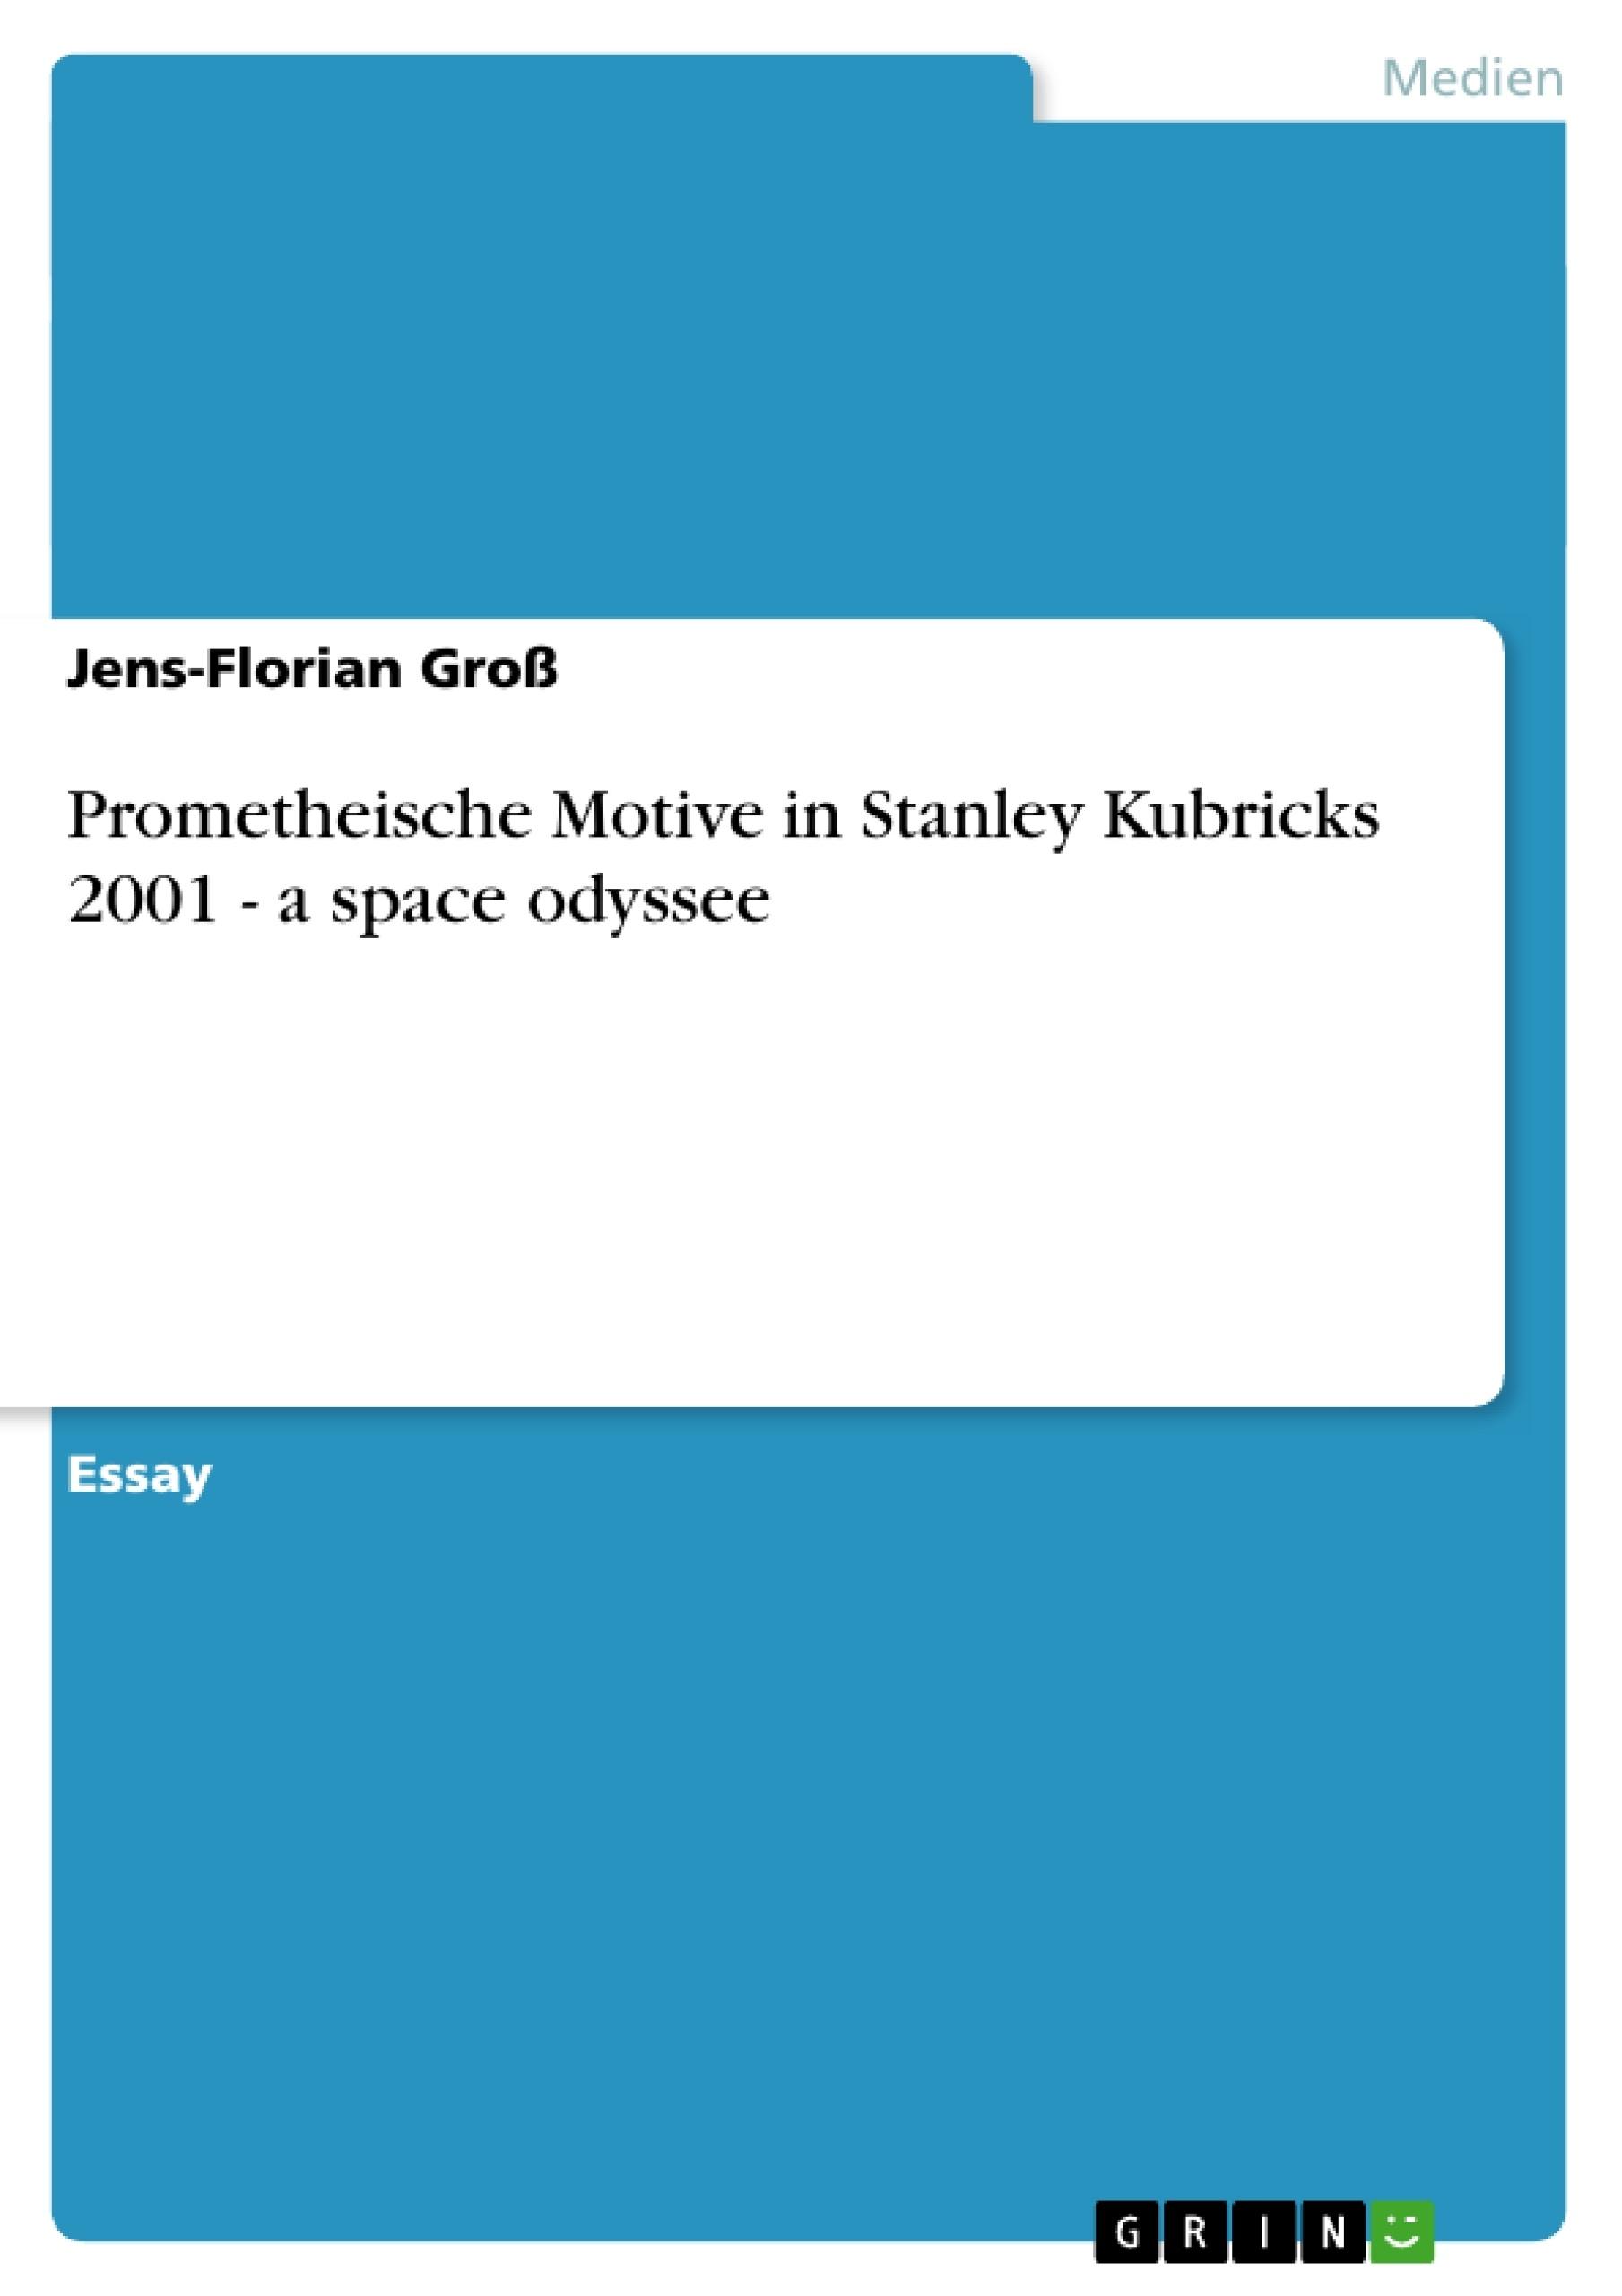 Titel: Prometheische Motive in Stanley Kubricks 2001 - a space odyssee